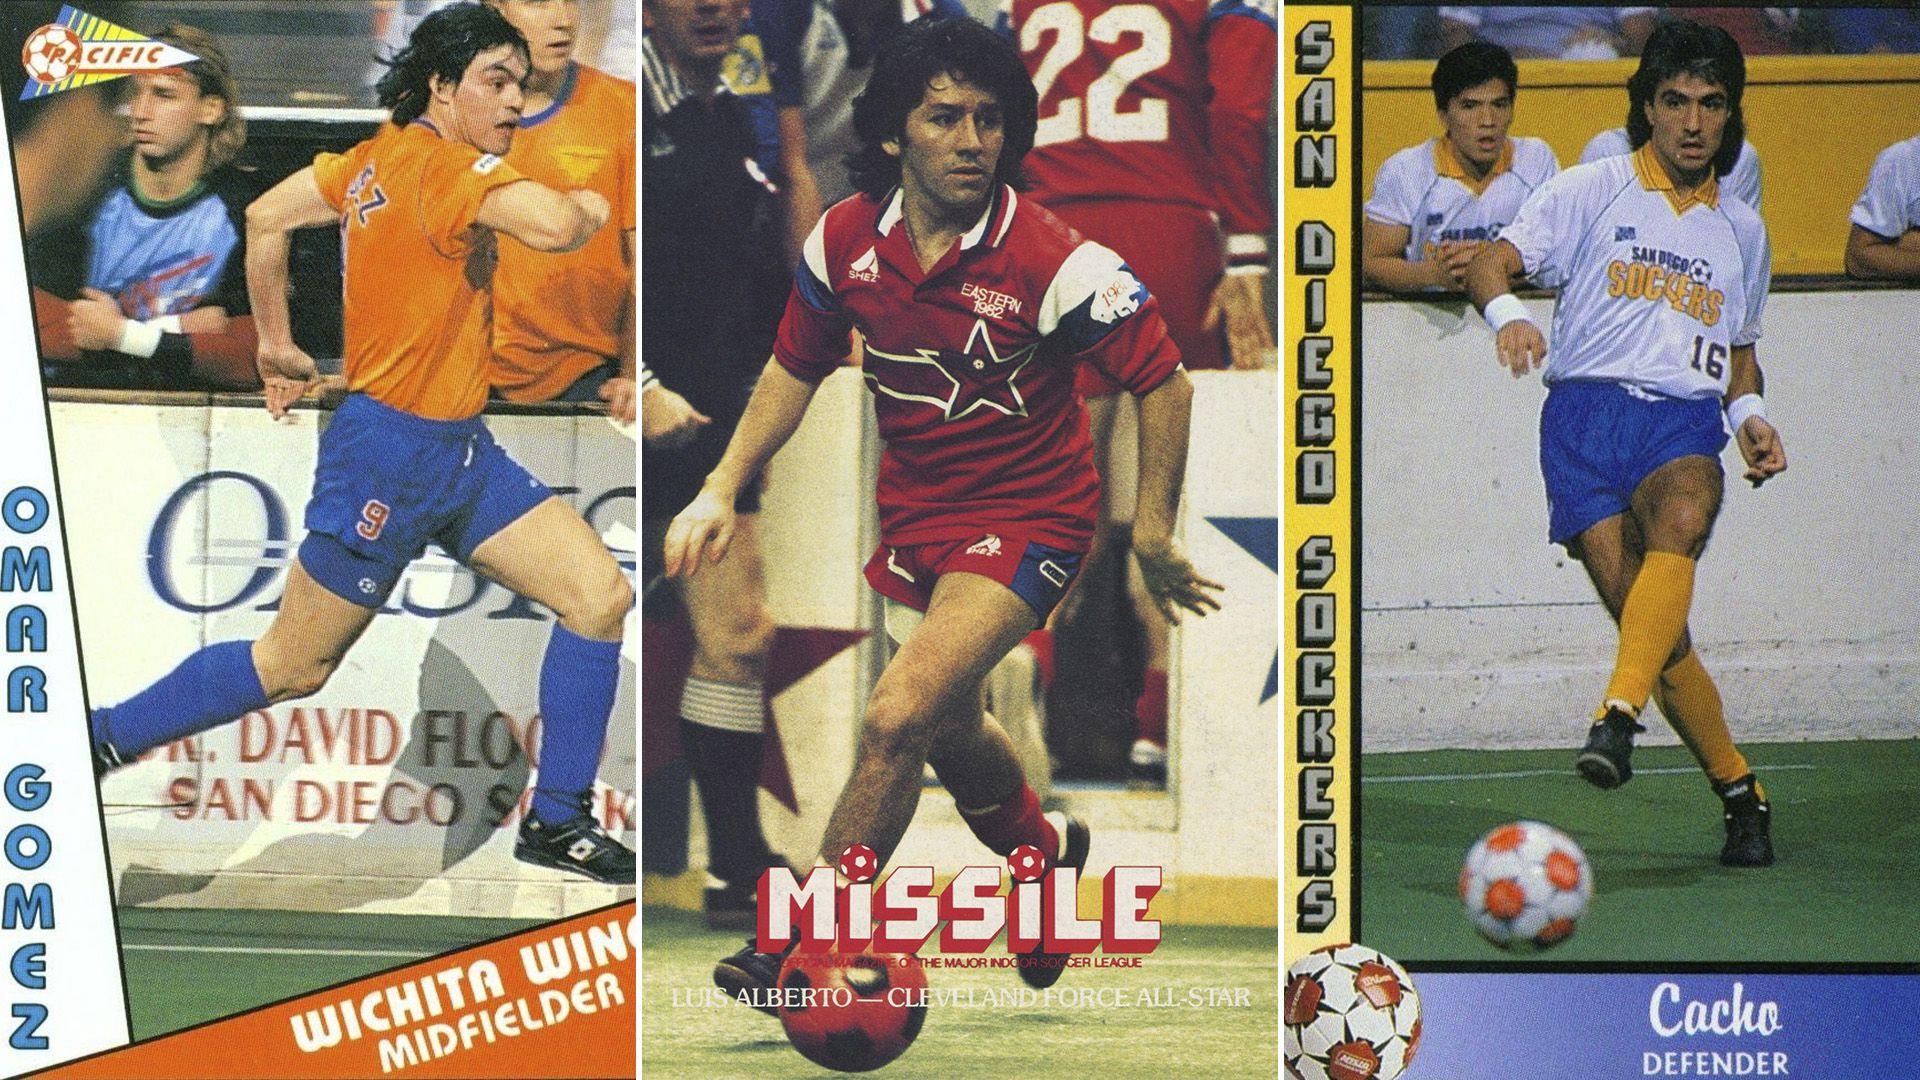 Major Indoor Soccer League